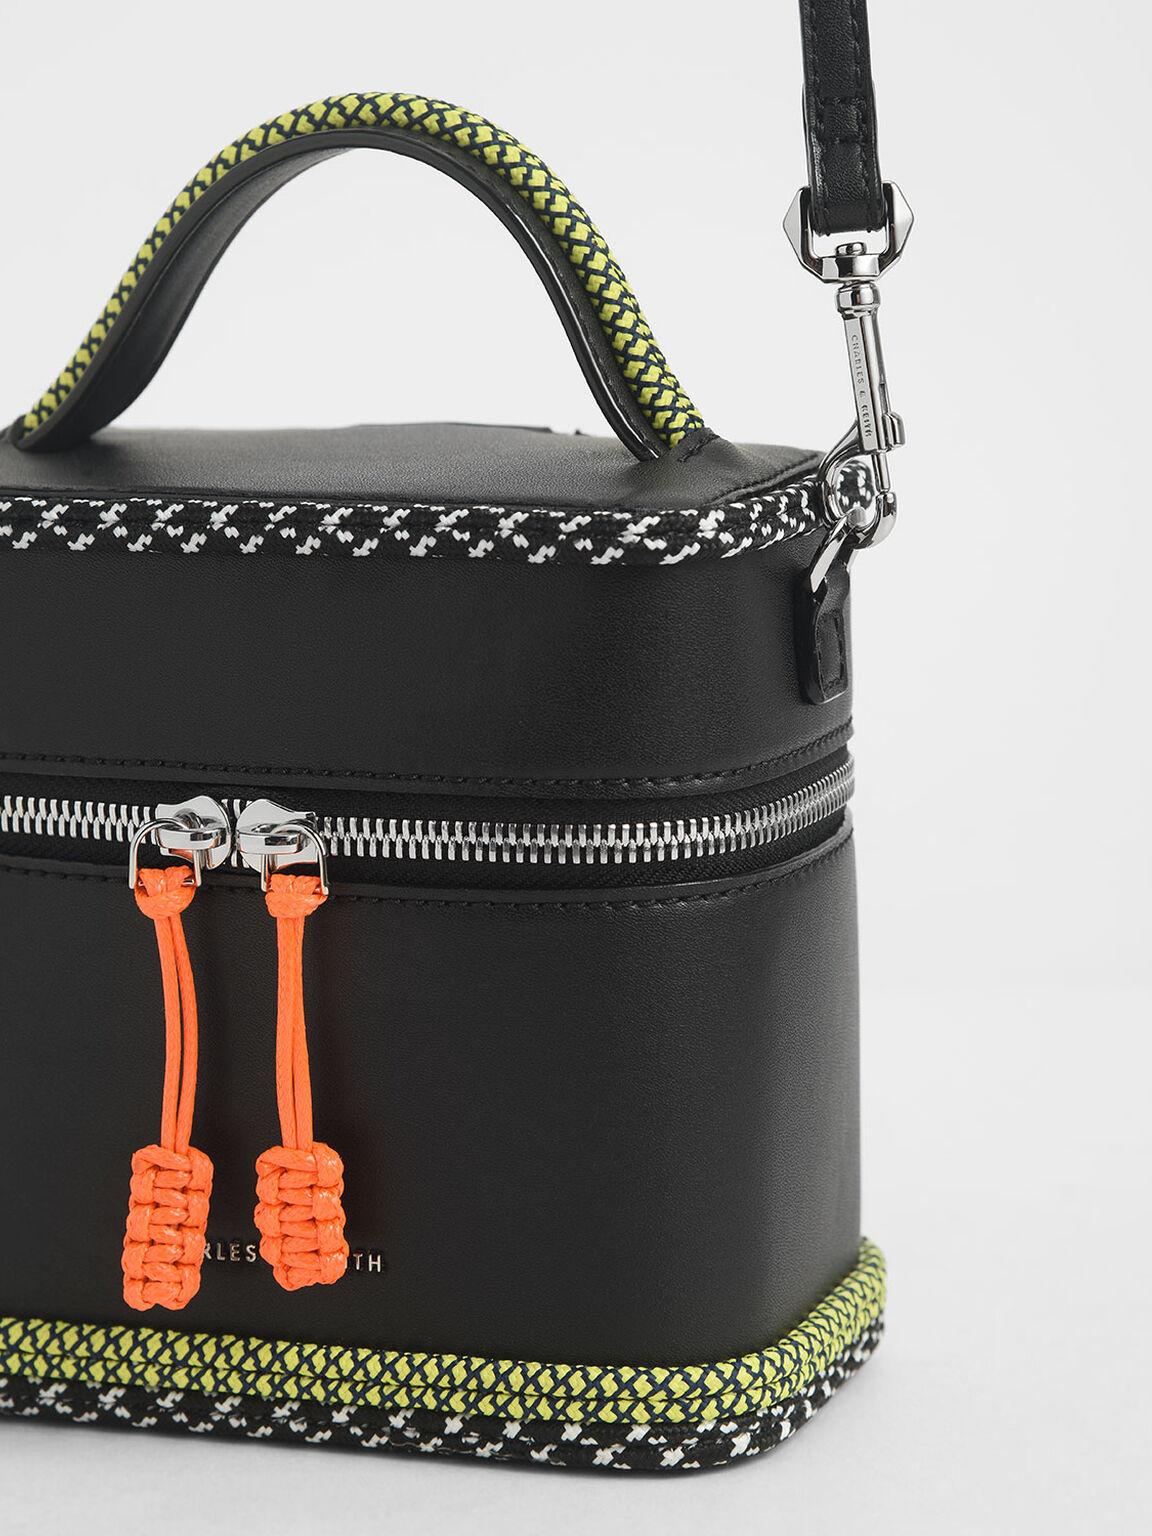 繩索拉鍊圓筒包, 黑色, hi-res